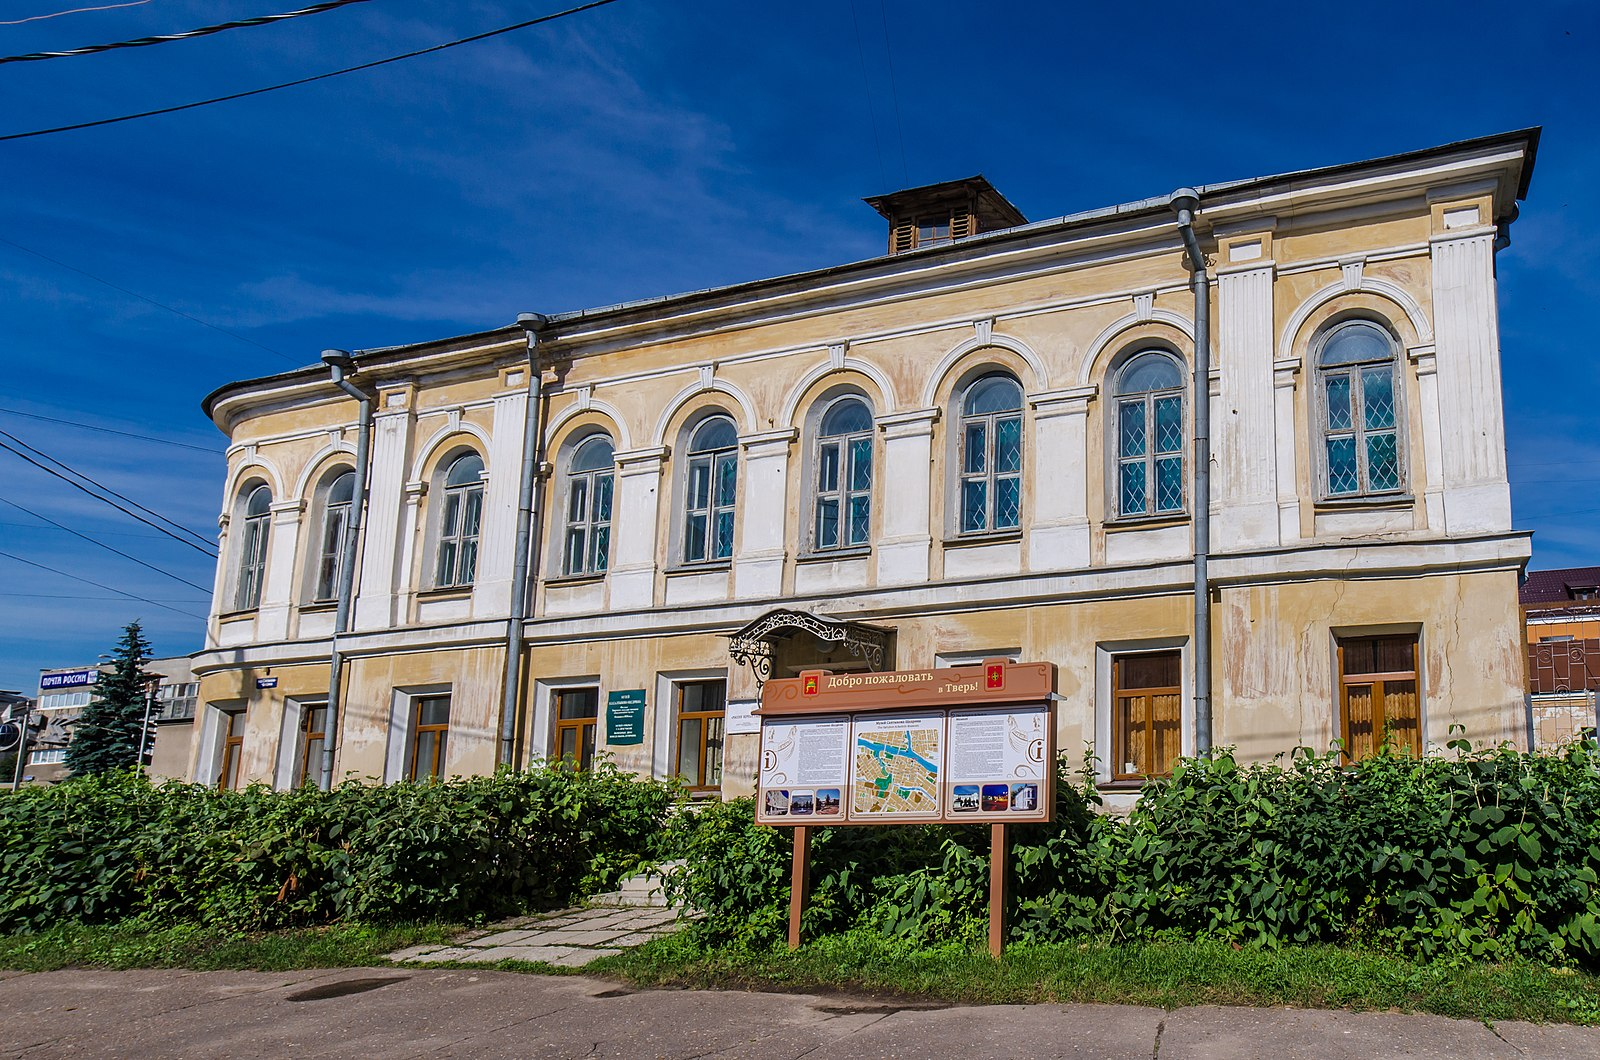 Почти 10,8 млн рублей дополнительно выделено на реставрацию музея Салтыкова-Щедрина - новости Афанасий